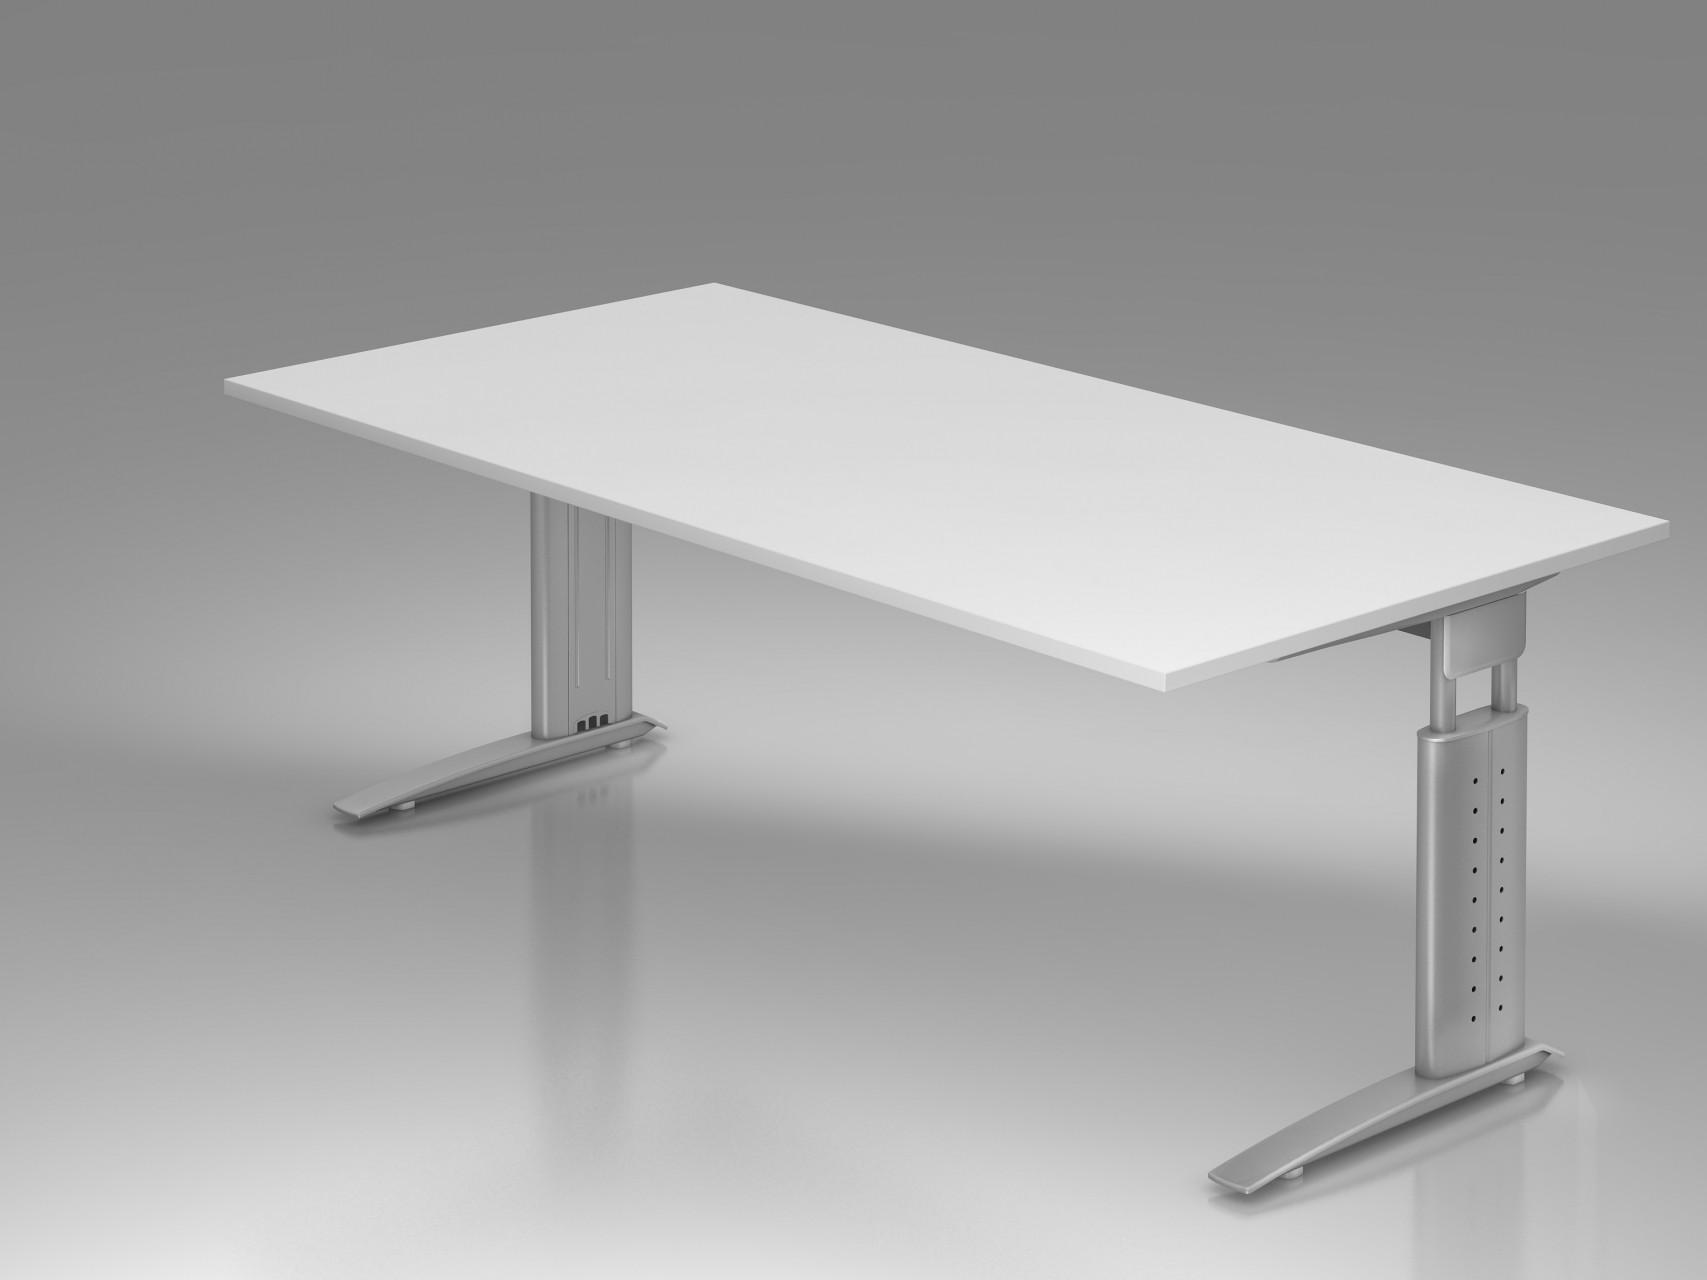 bureau r glable en hauteur ergonomique plus 200 x 100 cm. Black Bedroom Furniture Sets. Home Design Ideas